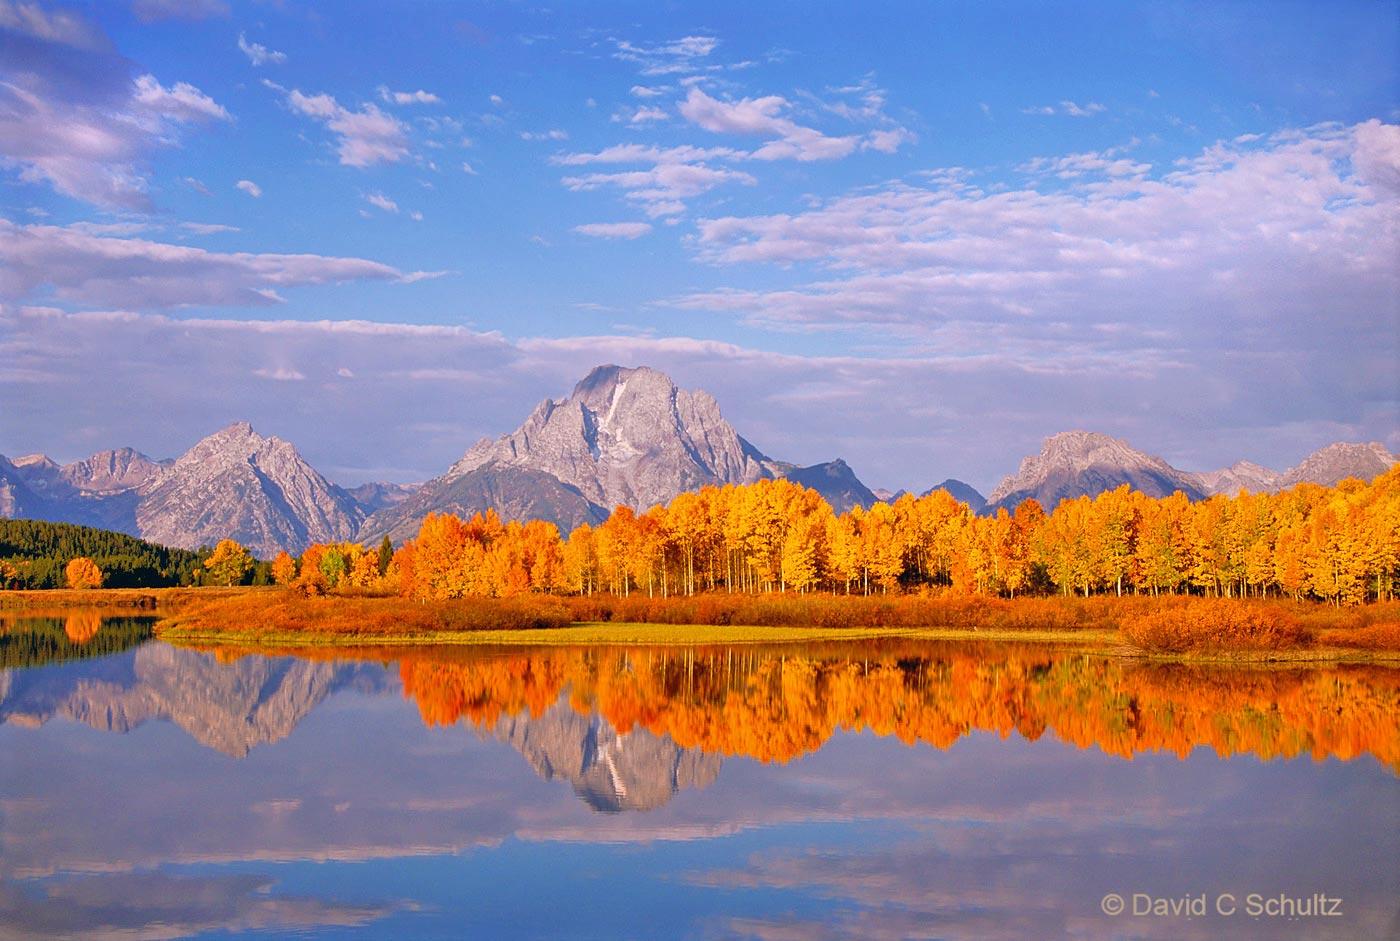 Teton National Park, WY - Image #44-1414